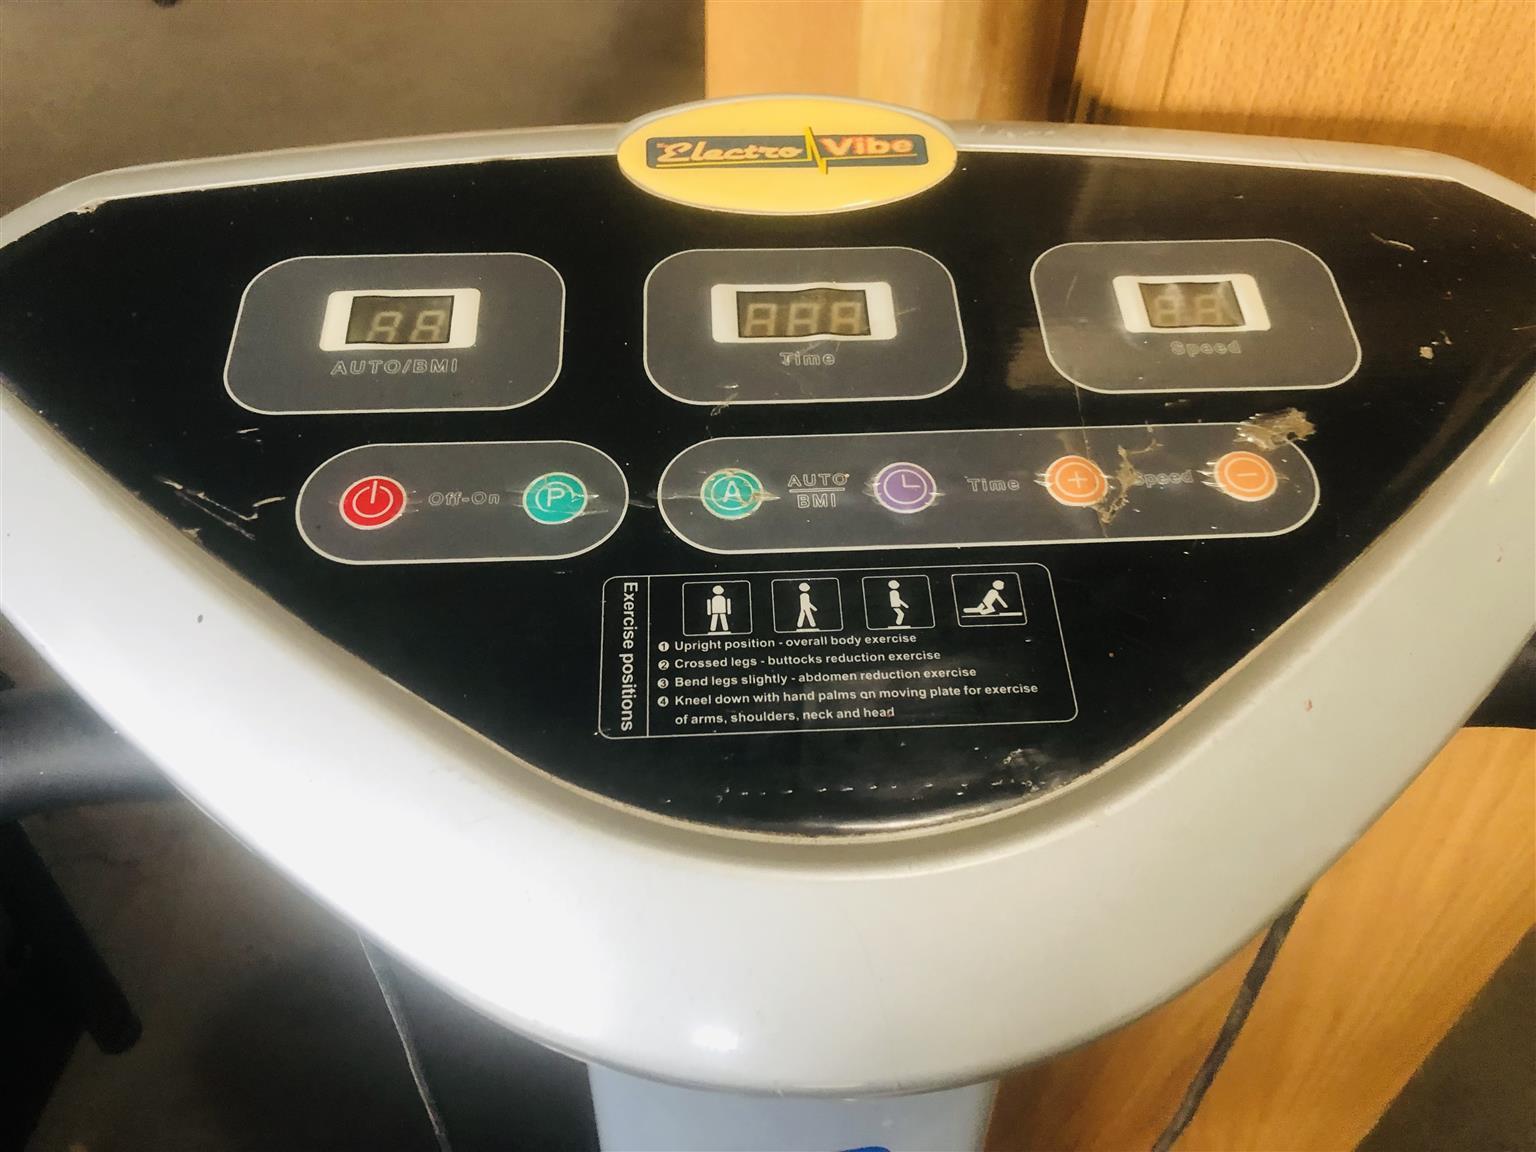 Electrovibe Exercise Vibrating Machine